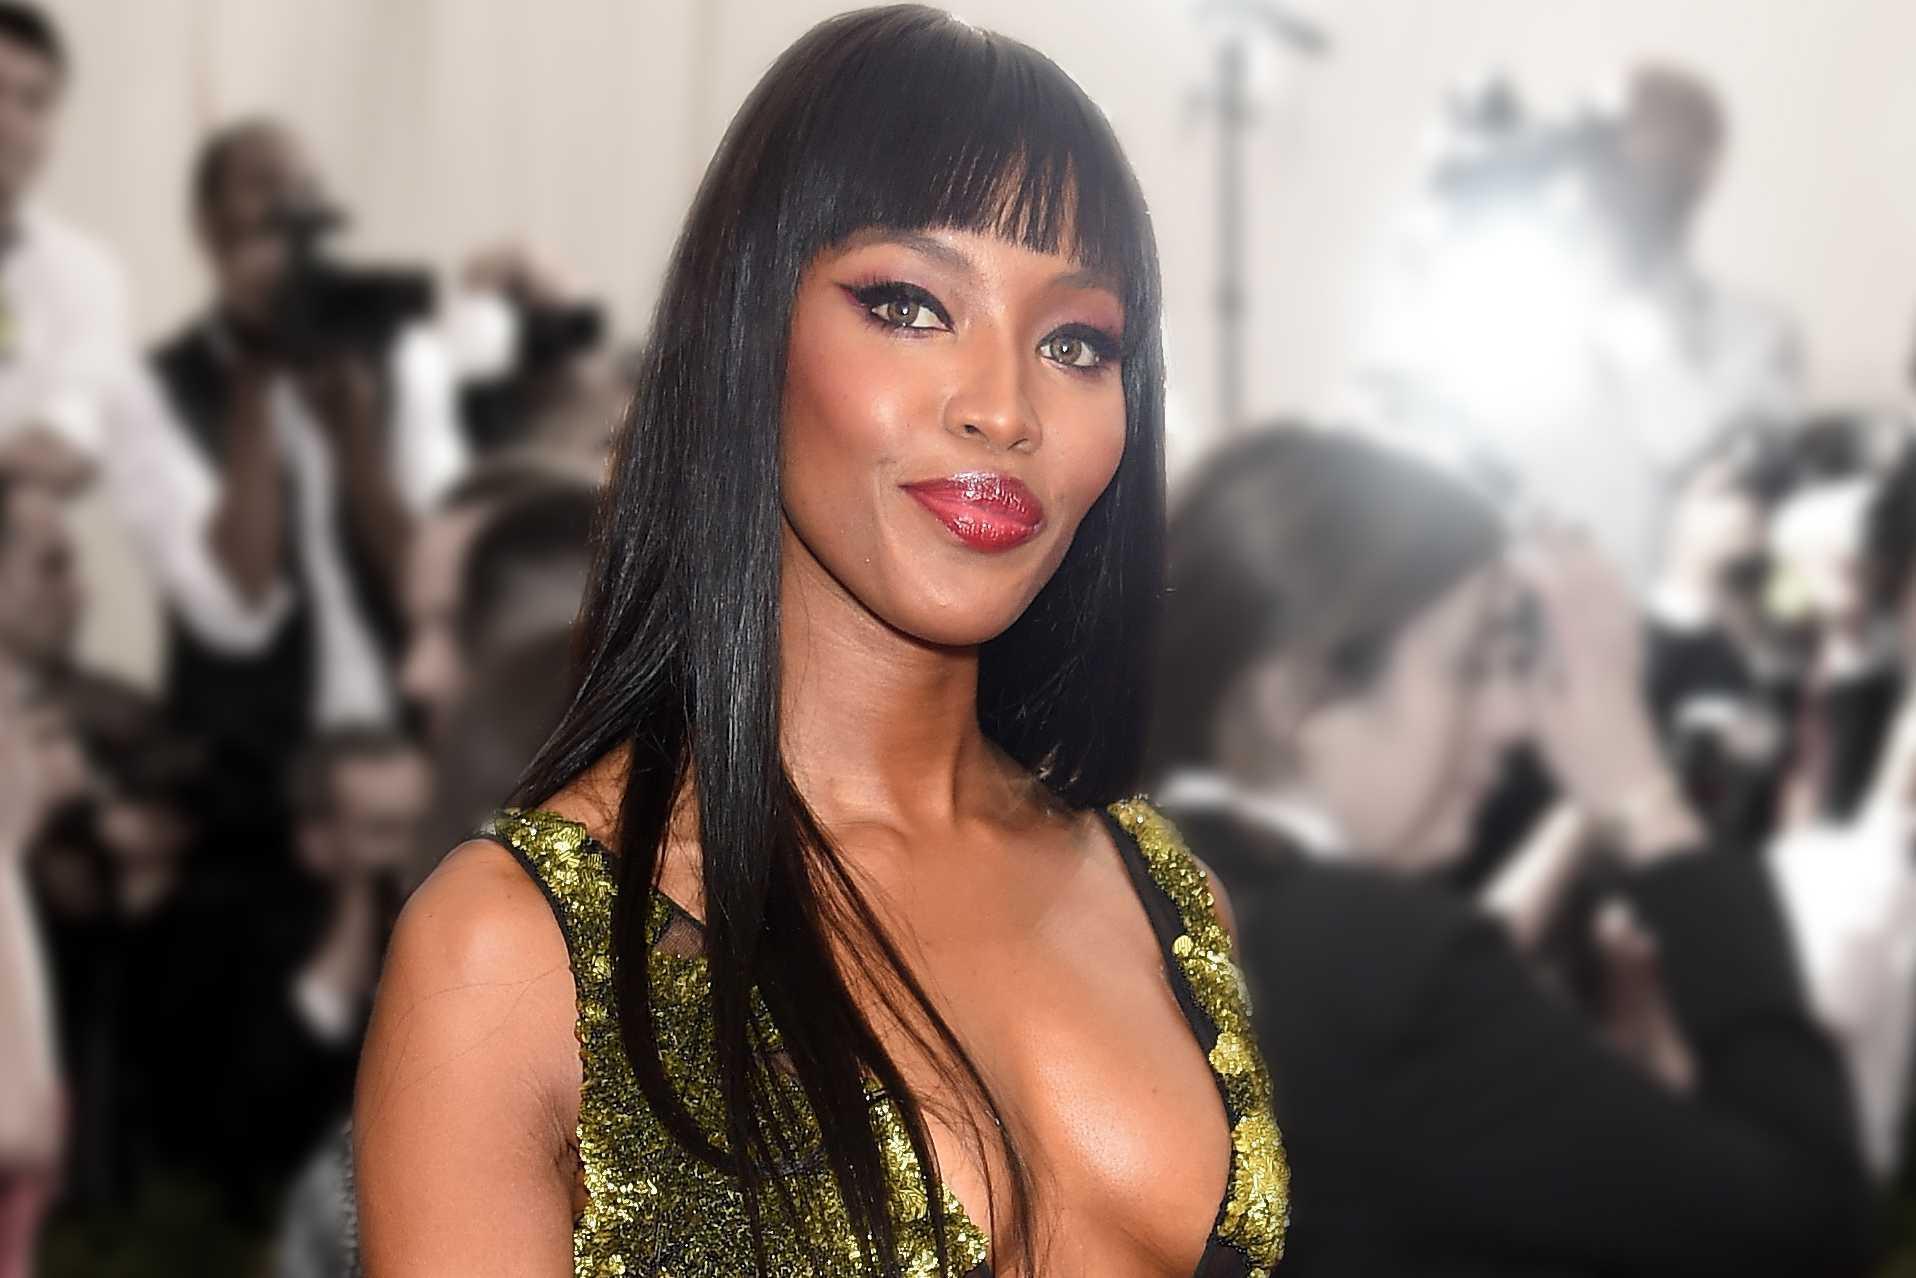 & amp; amp; quot; China: A través del espejo & amp; amp; quot; el pelo largo Naomi Campbell